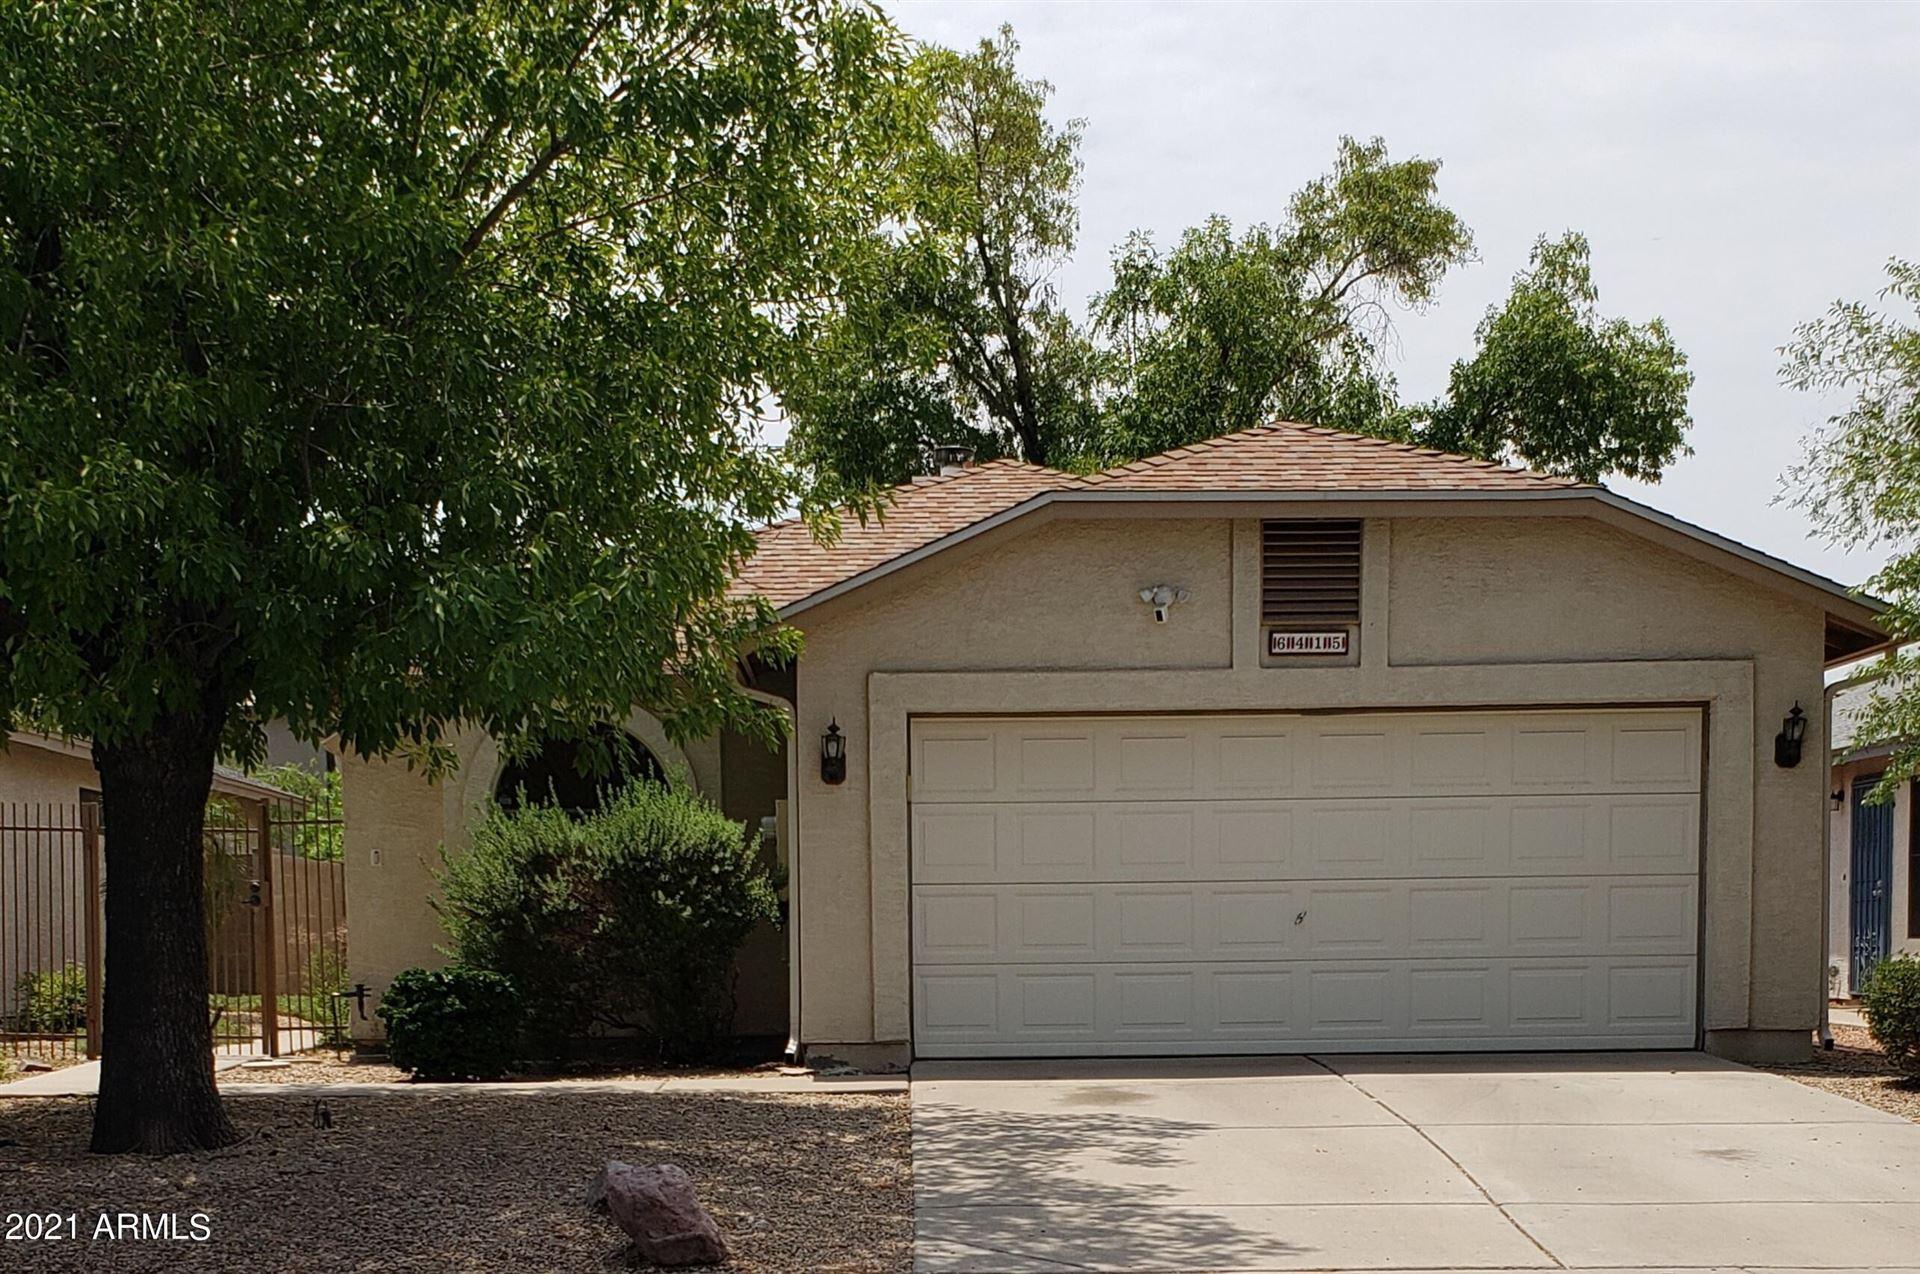 Photo of 6415 W LAWRENCE Lane, Glendale, AZ 85302 (MLS # 6268776)